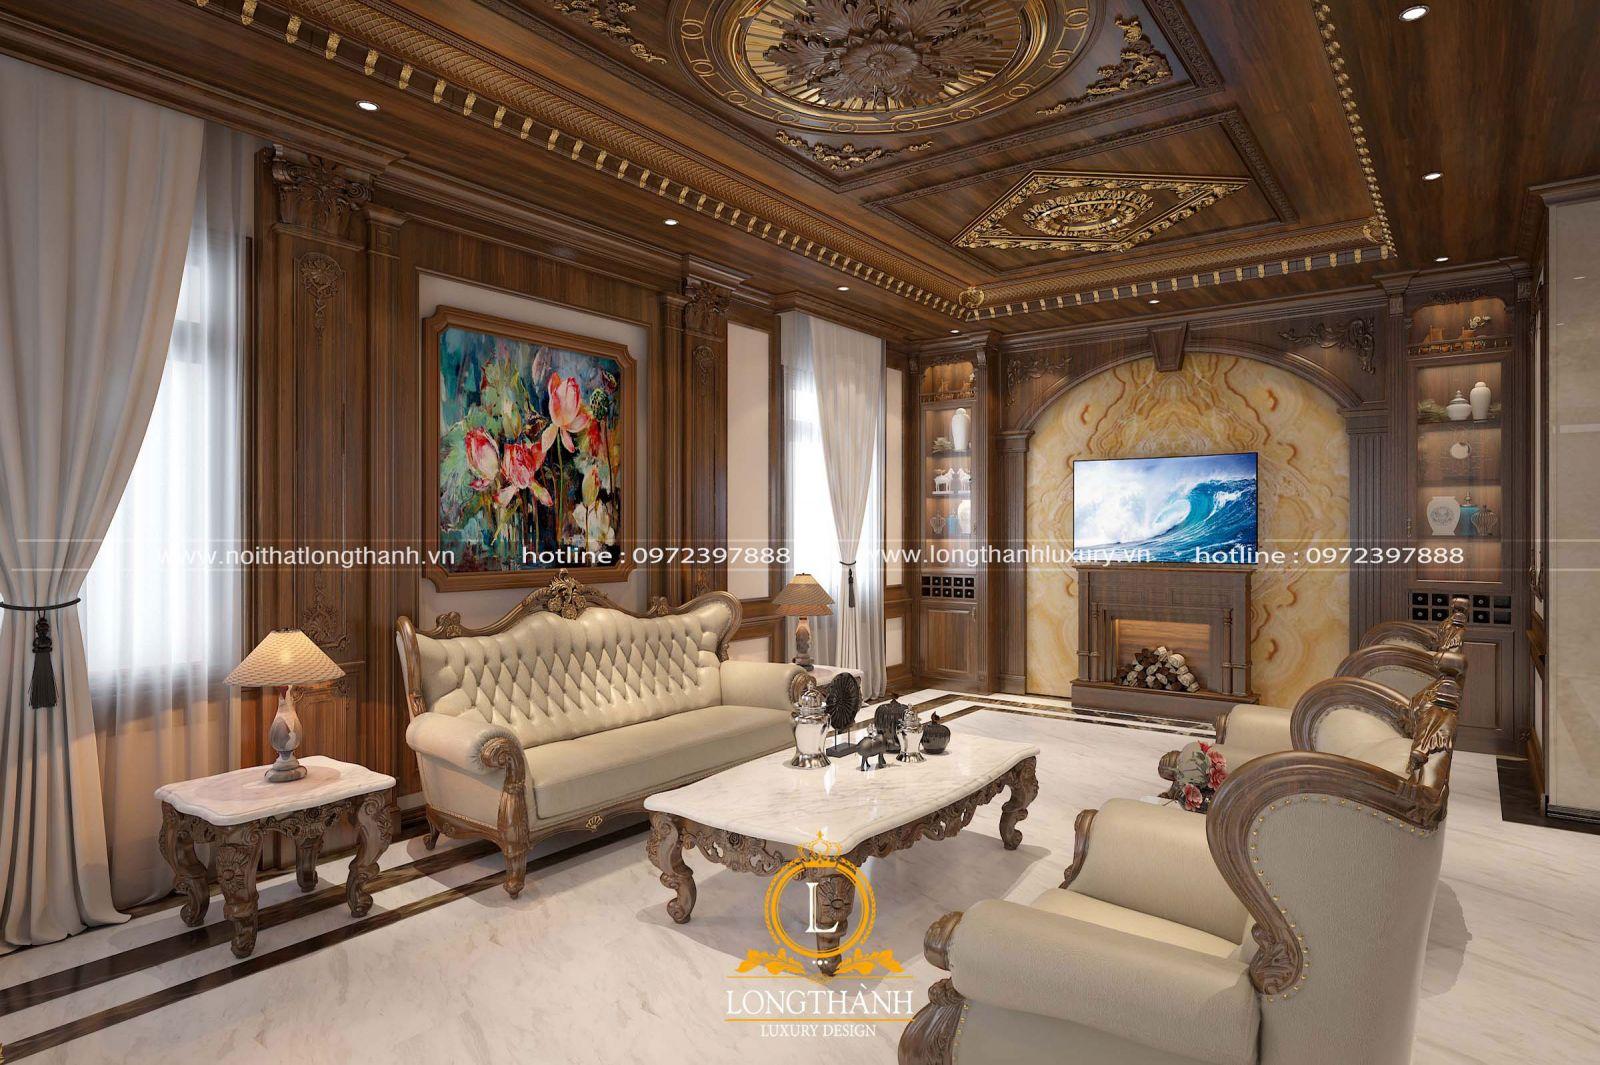 Mẫu sofa đẹp dễ dàng kết hợp với các món đồ nội thất khác